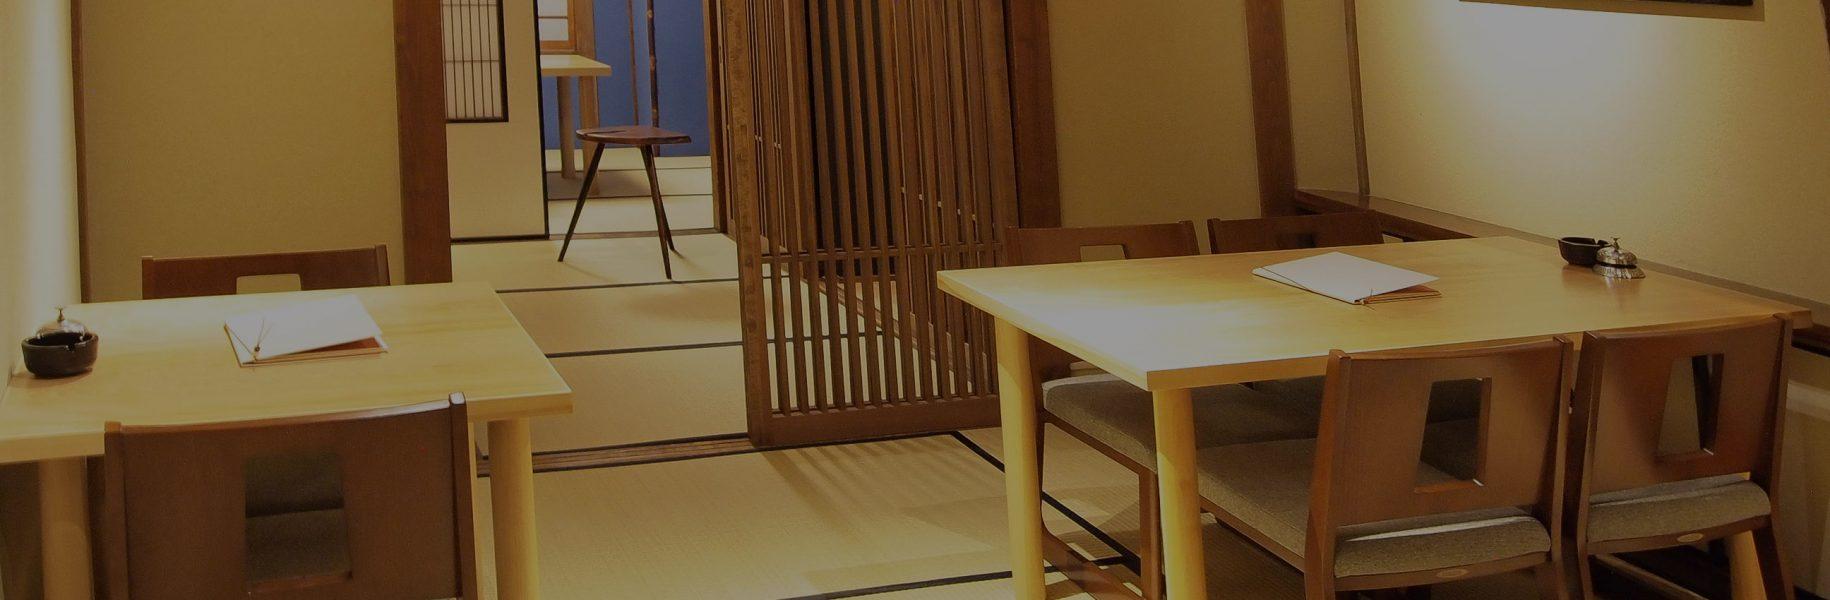 ひがし茶屋街・主計町にある日本料理店。接待でもカジュアルでもおすすめ